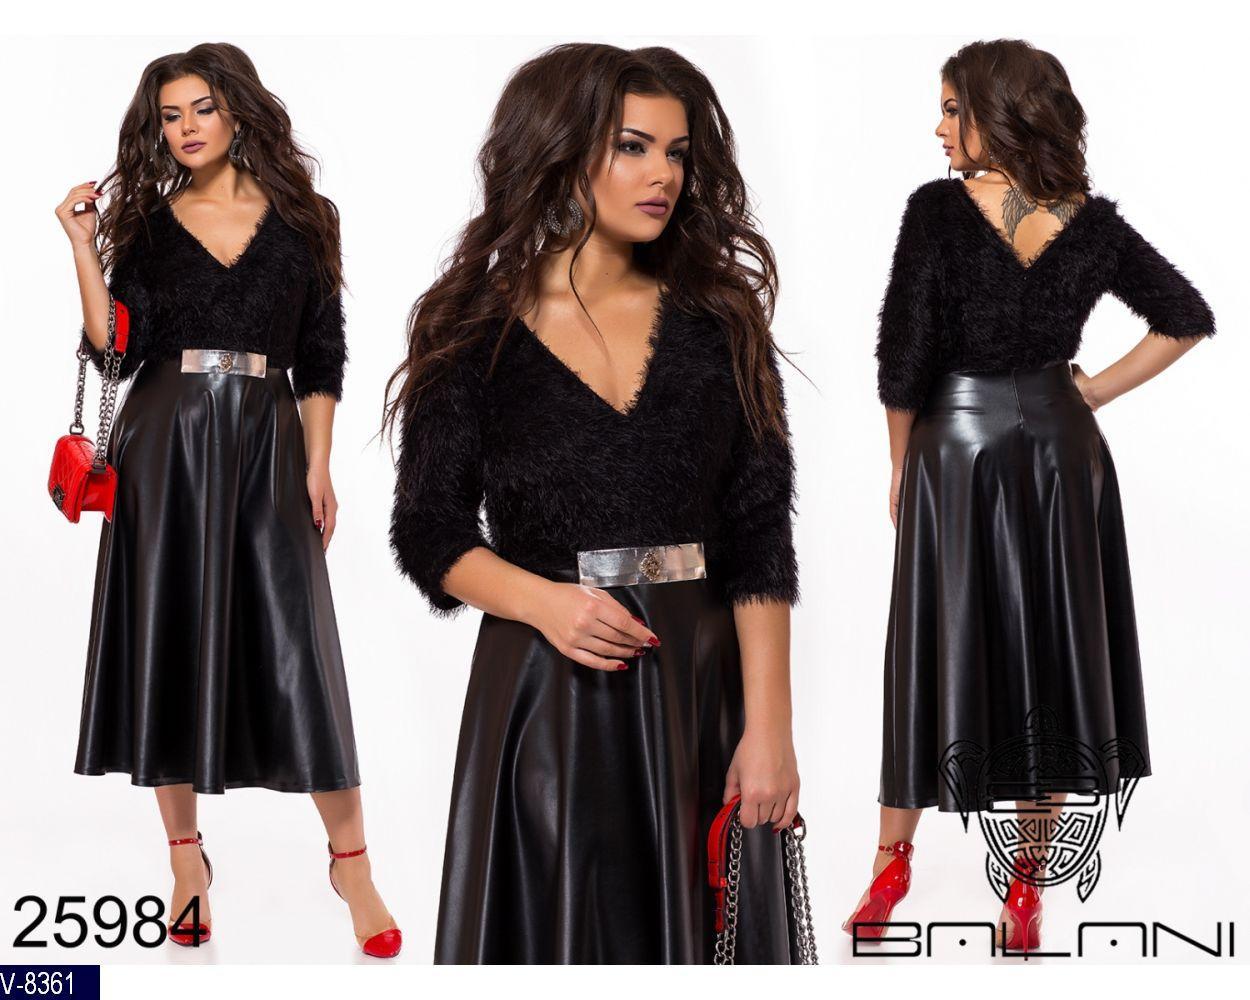 Сукня V-8361